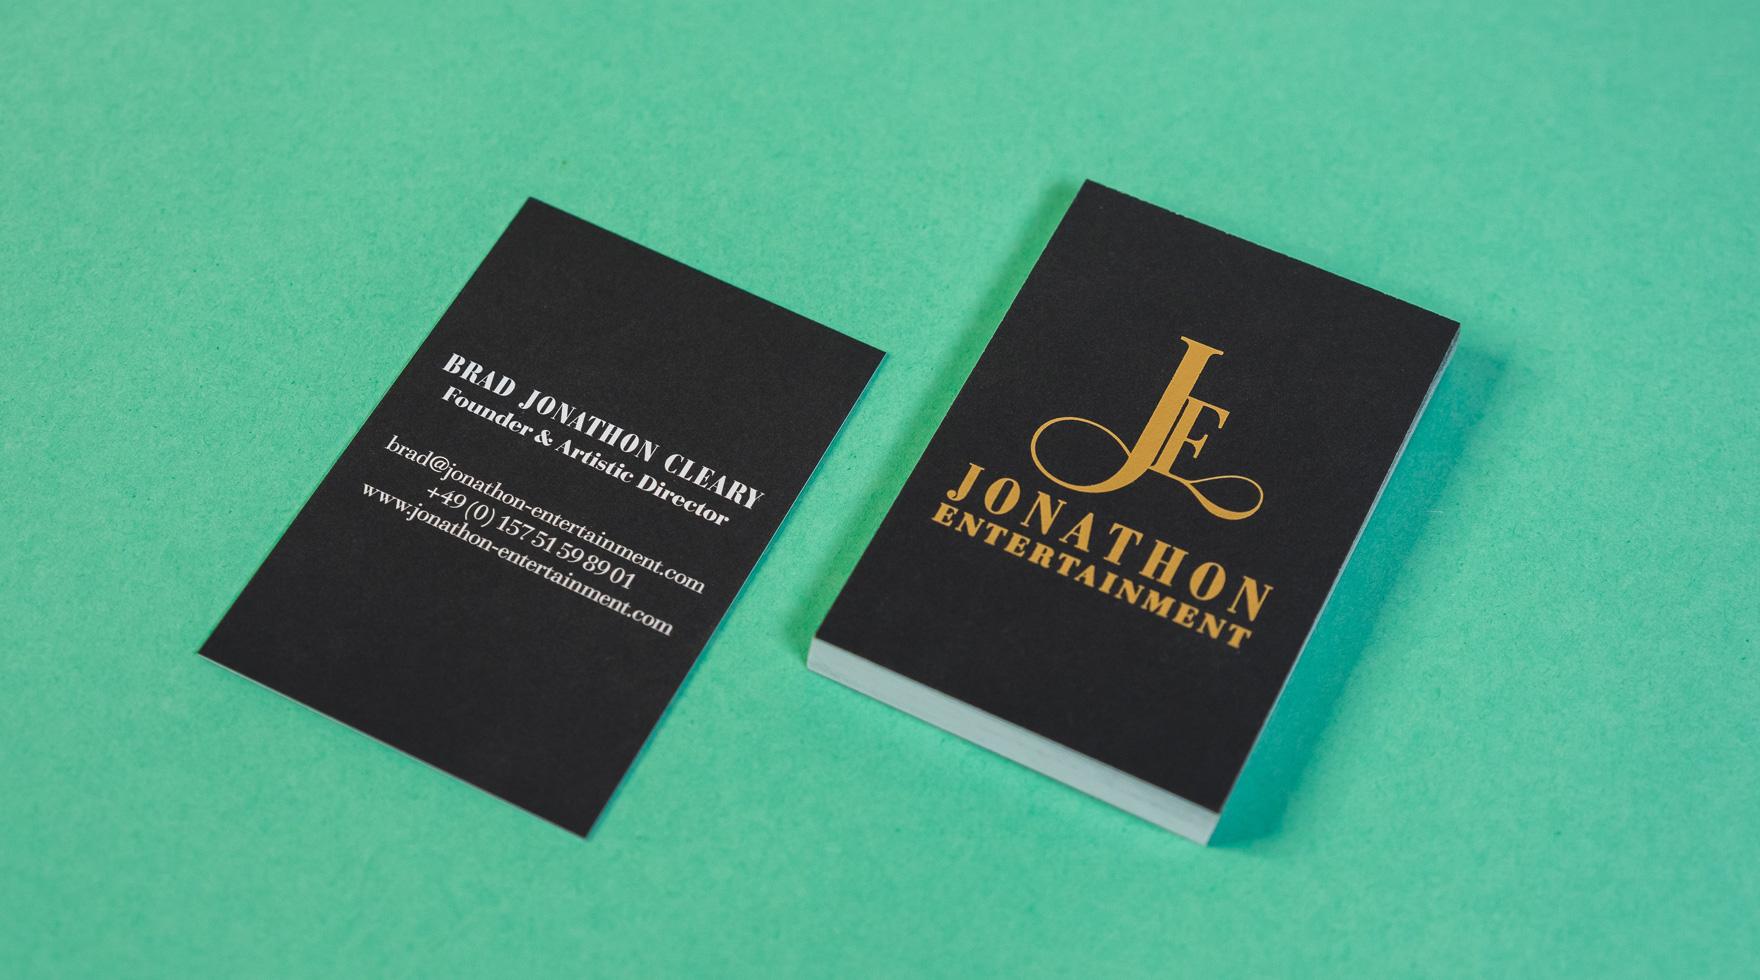 jonathan-entertainment-businesscard-design-berlin